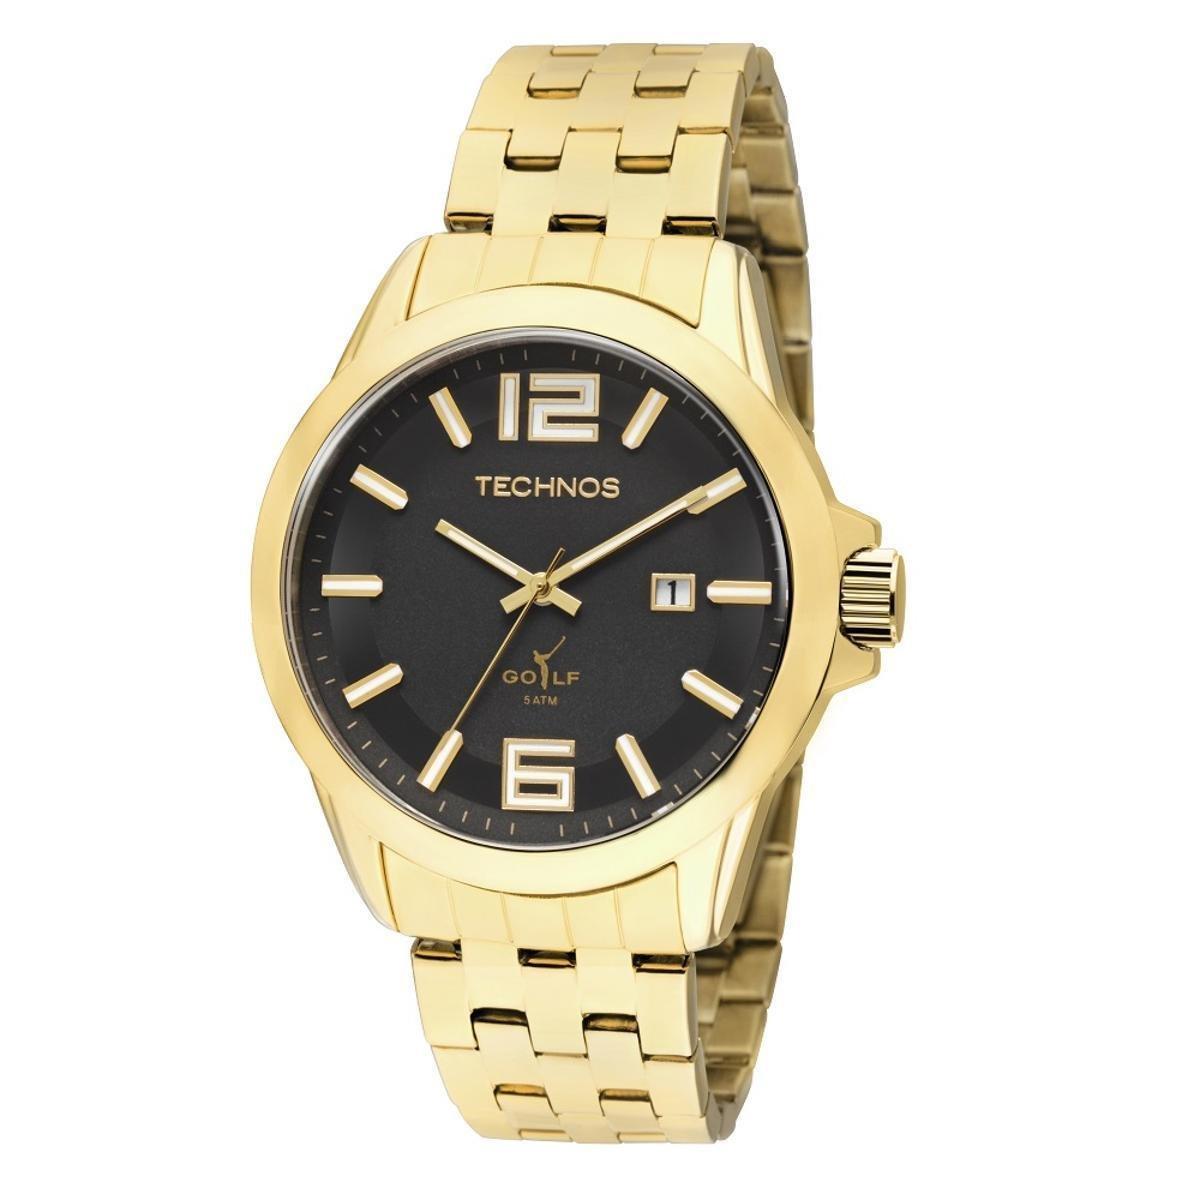 659751fb2ae Relógio Technos Classic Golf - Dourado - Compre Agora